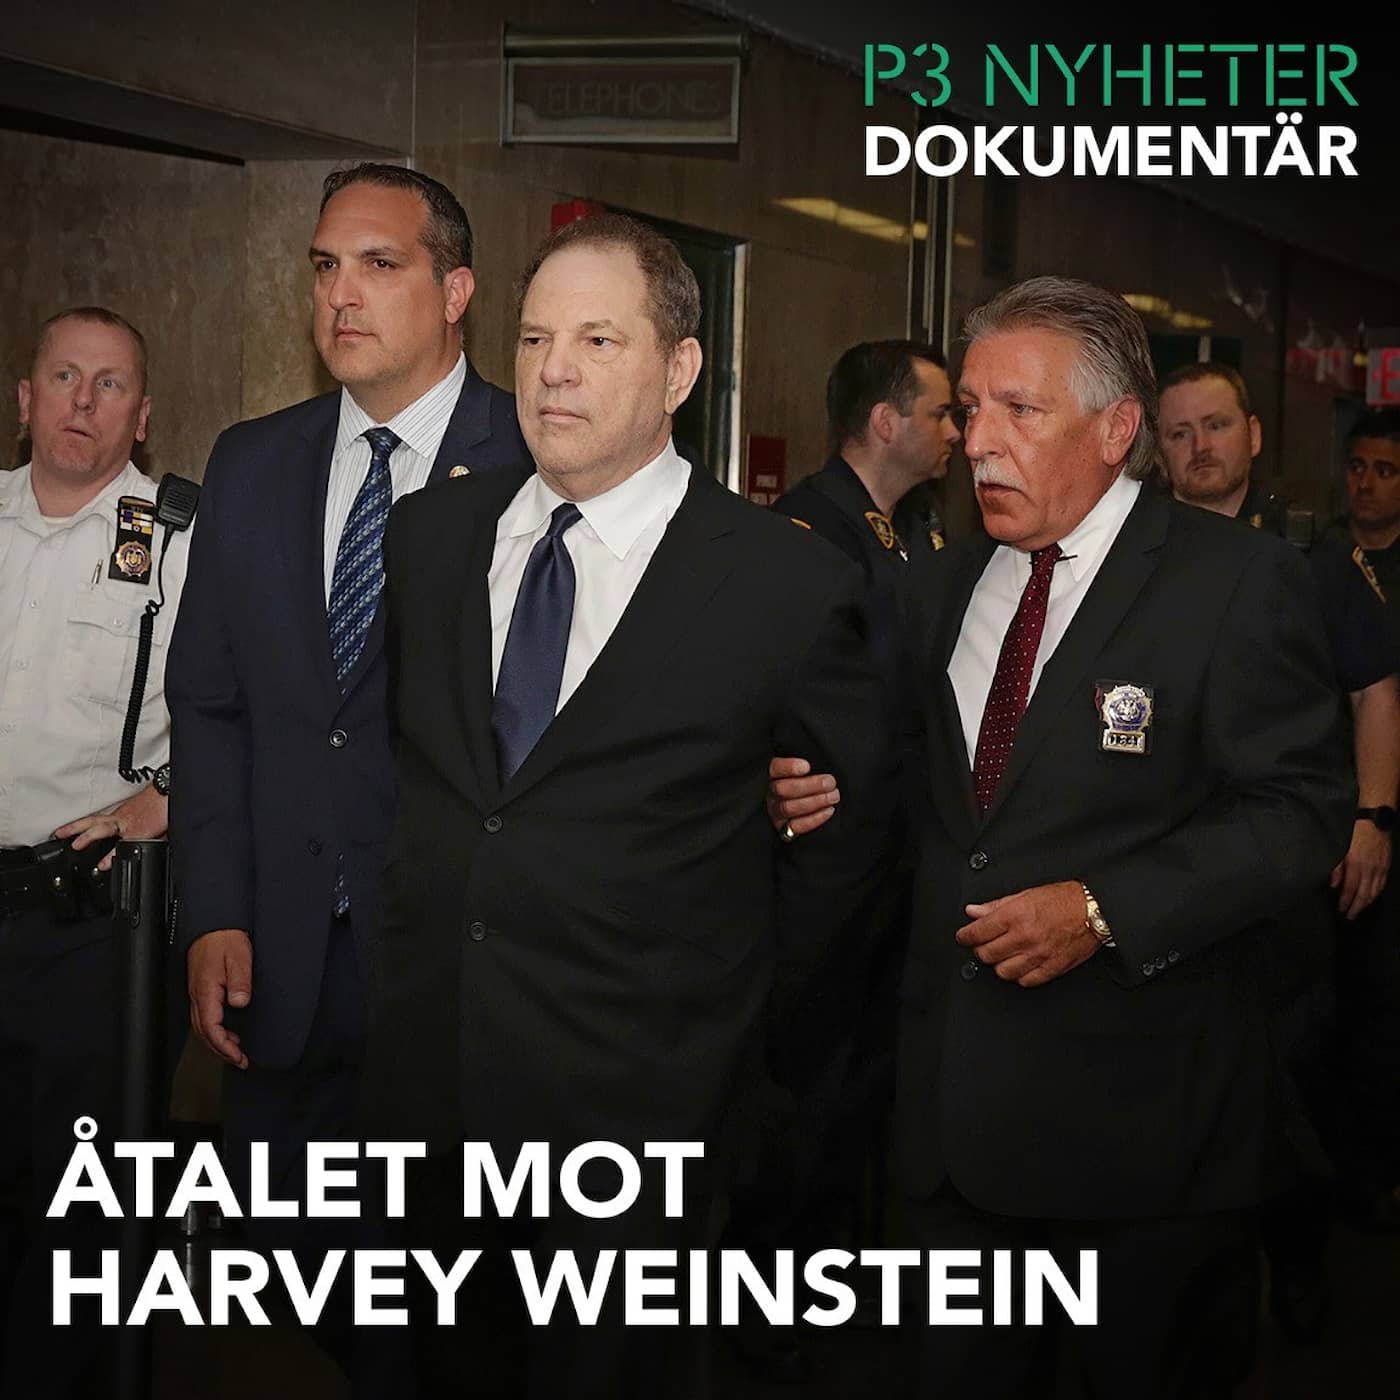 Åtalet mot Harvey Weinstein - P3 Nyheter Dokumentär